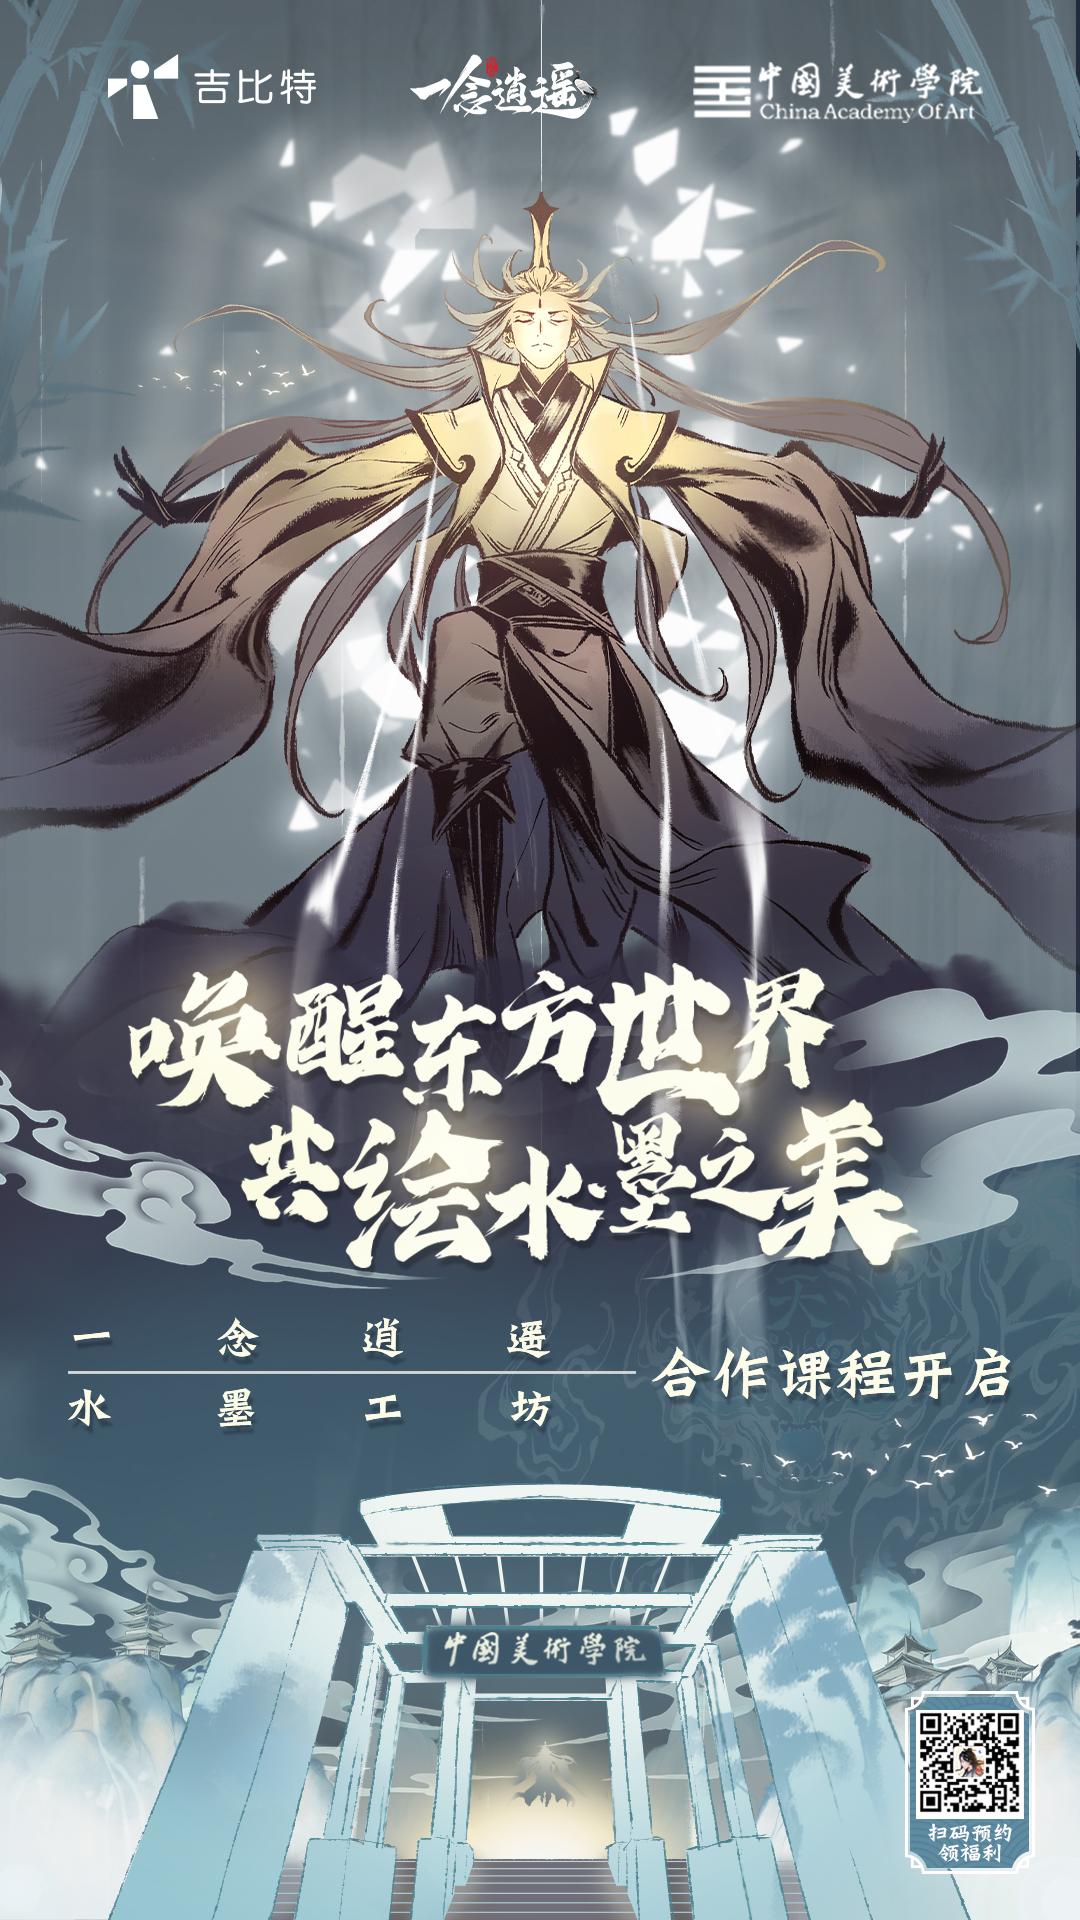 http://www.tianguangxu.com.cn/youxi/175699.html